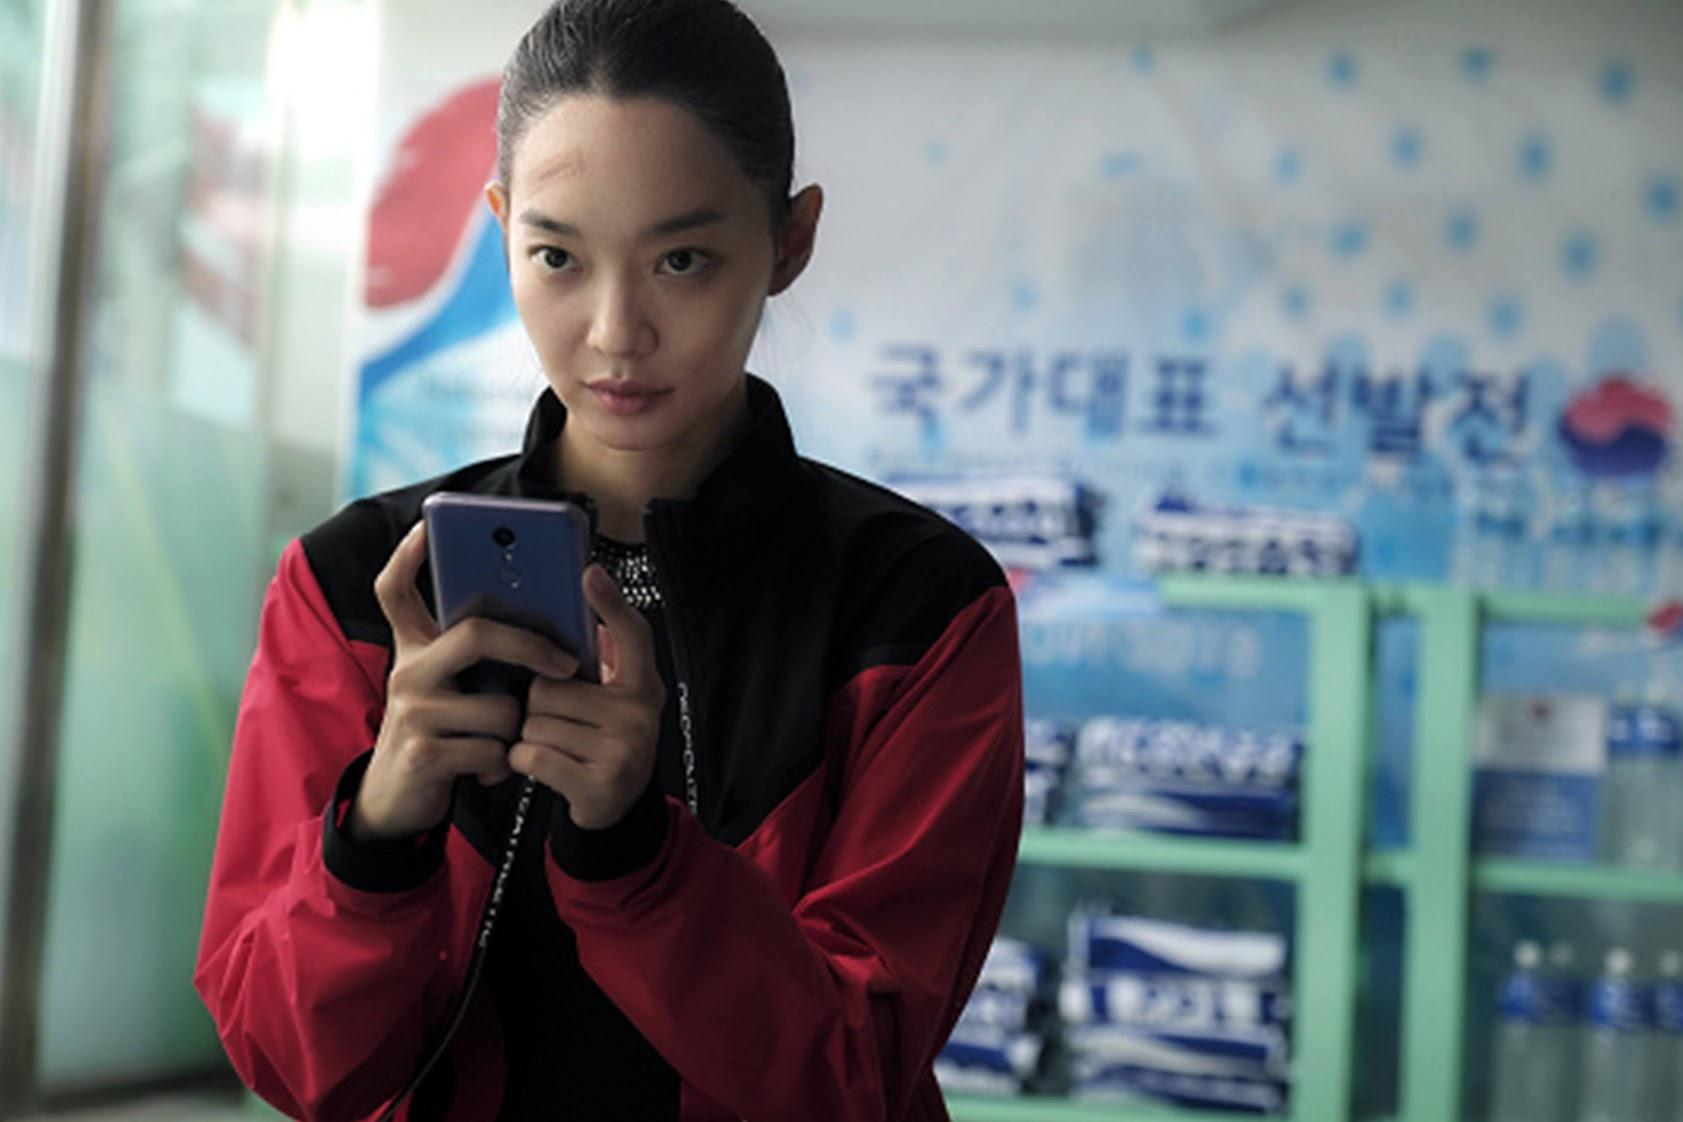 申敏兒 新作電影《 詭憶 》 黑暗驚悚超越《 黑天鵝 》